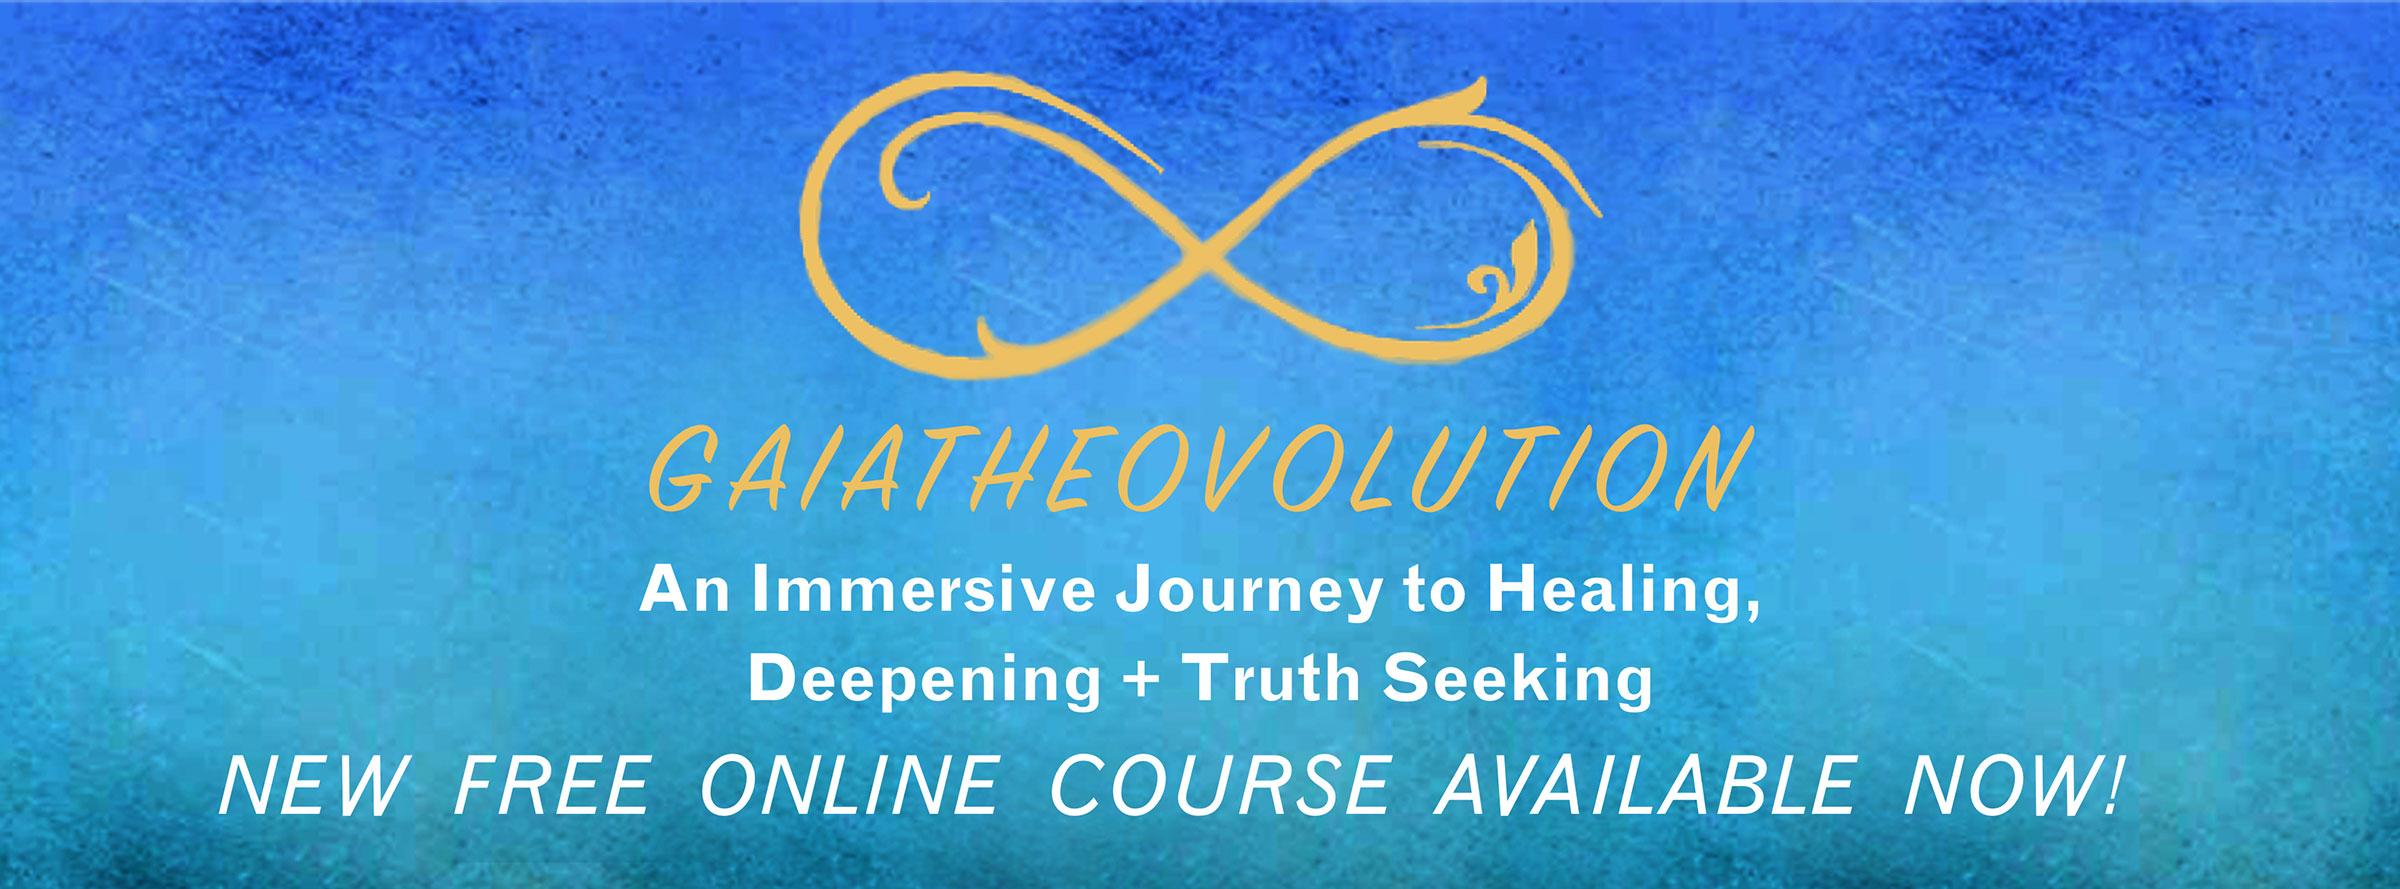 GAIATHEOVOLUTION-website-banner-final